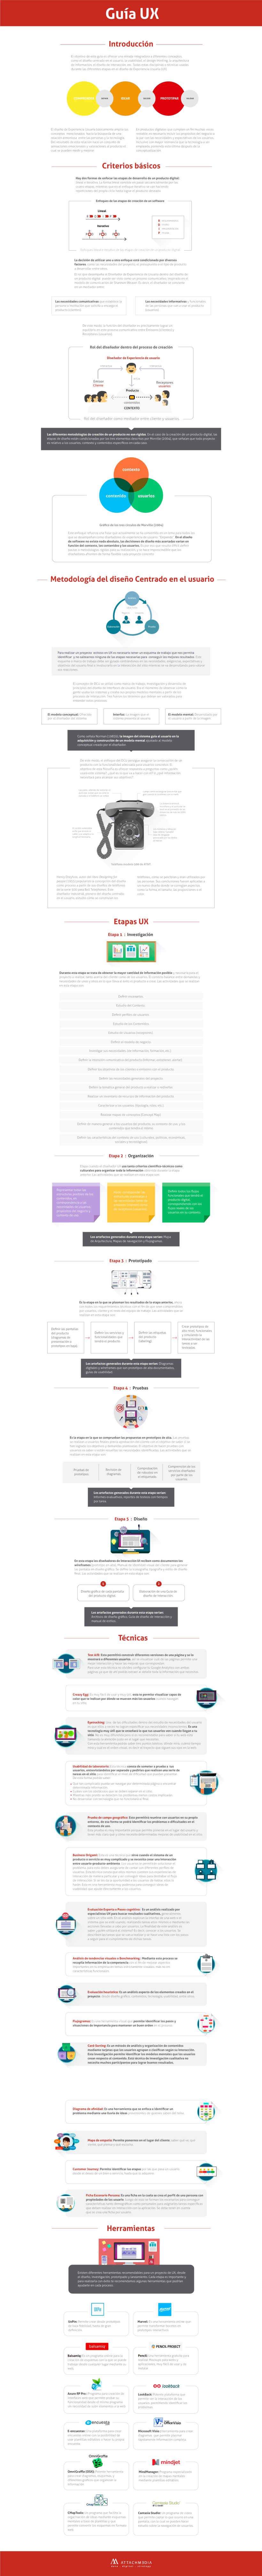 Infografía Guía UX